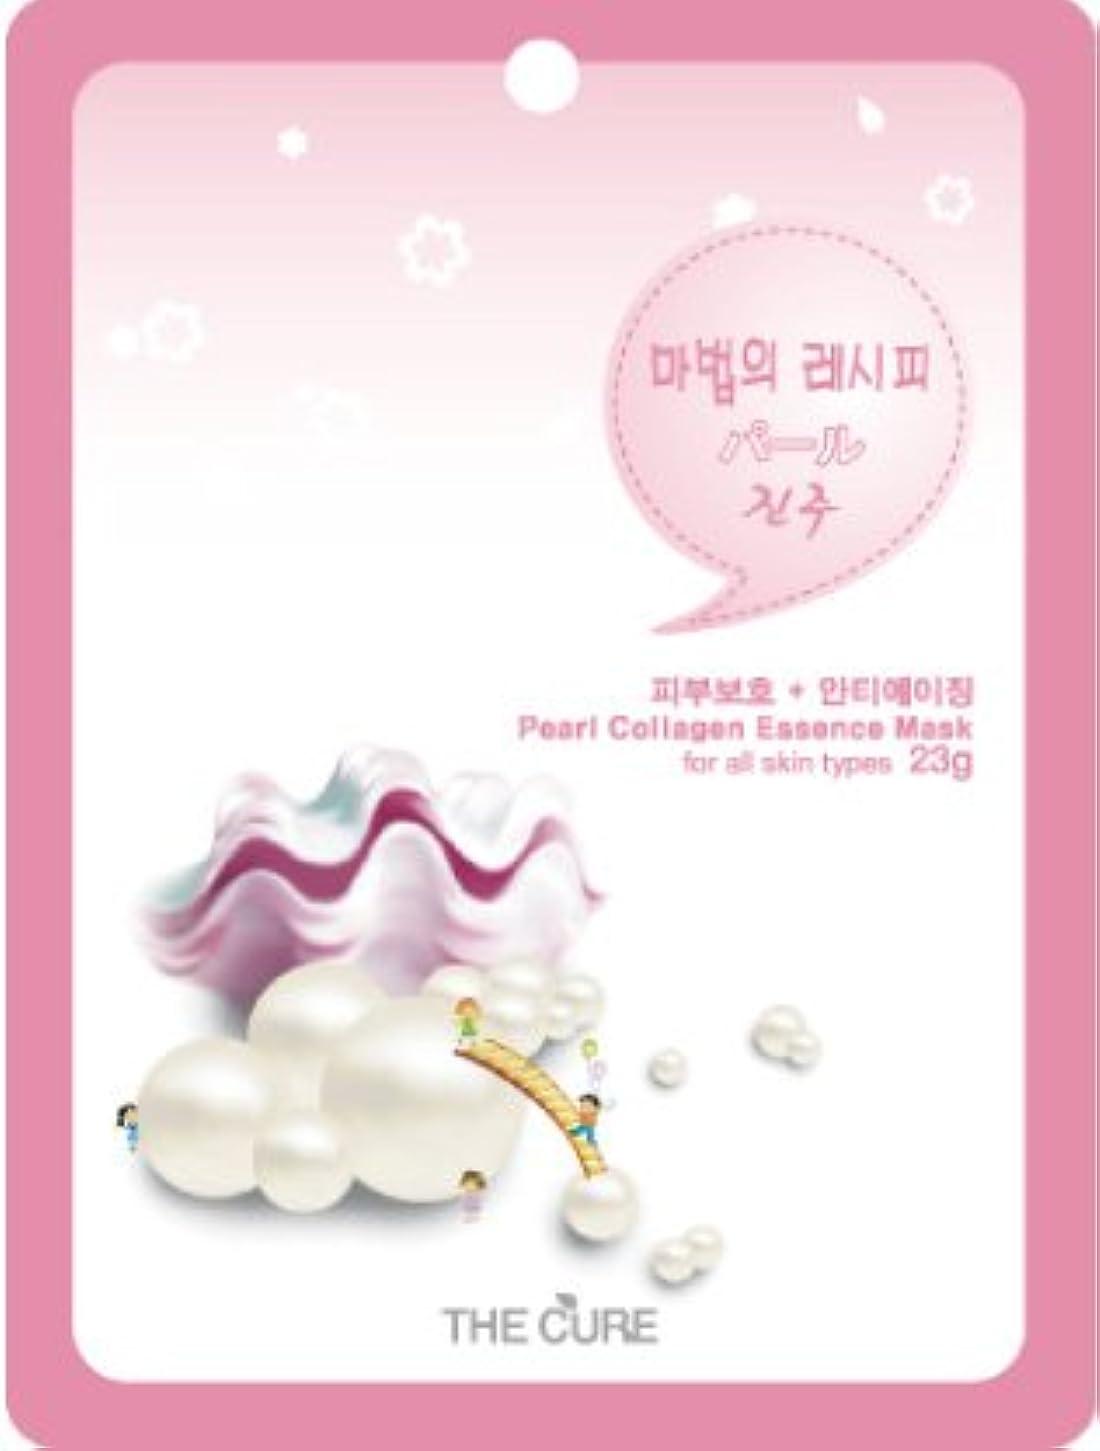 ストライド物語煩わしい真珠 (パール) コラーゲン エッセンス マスク THE CURE シート パック 10枚セット 韓国 コスメ 乾燥肌 オイリー肌 混合肌